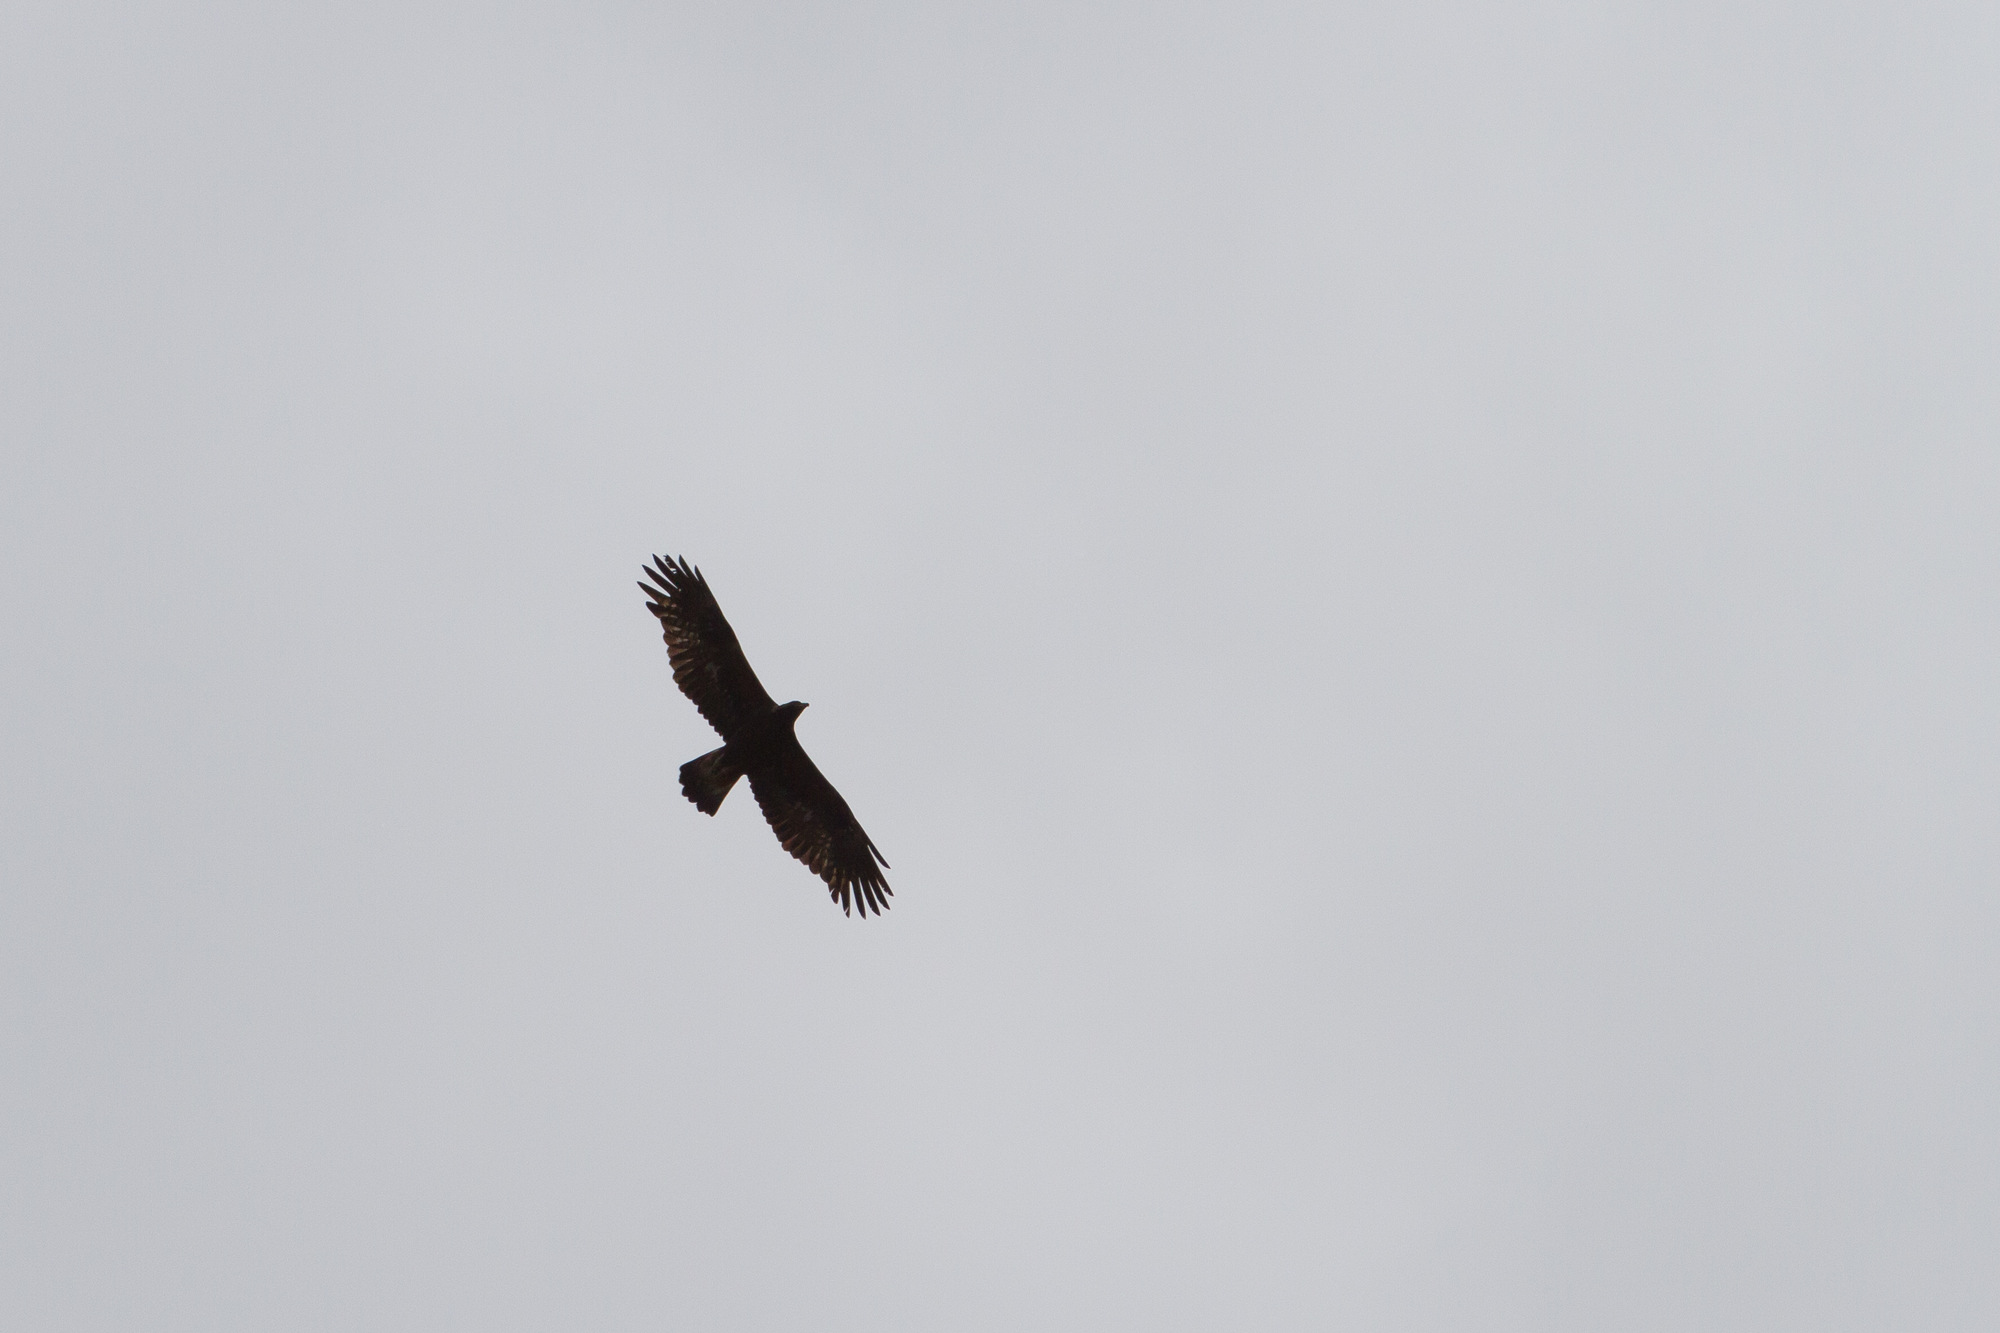 2013, une année singulière pour la reproduction de l'Aigle royal en Pays Basque Nord